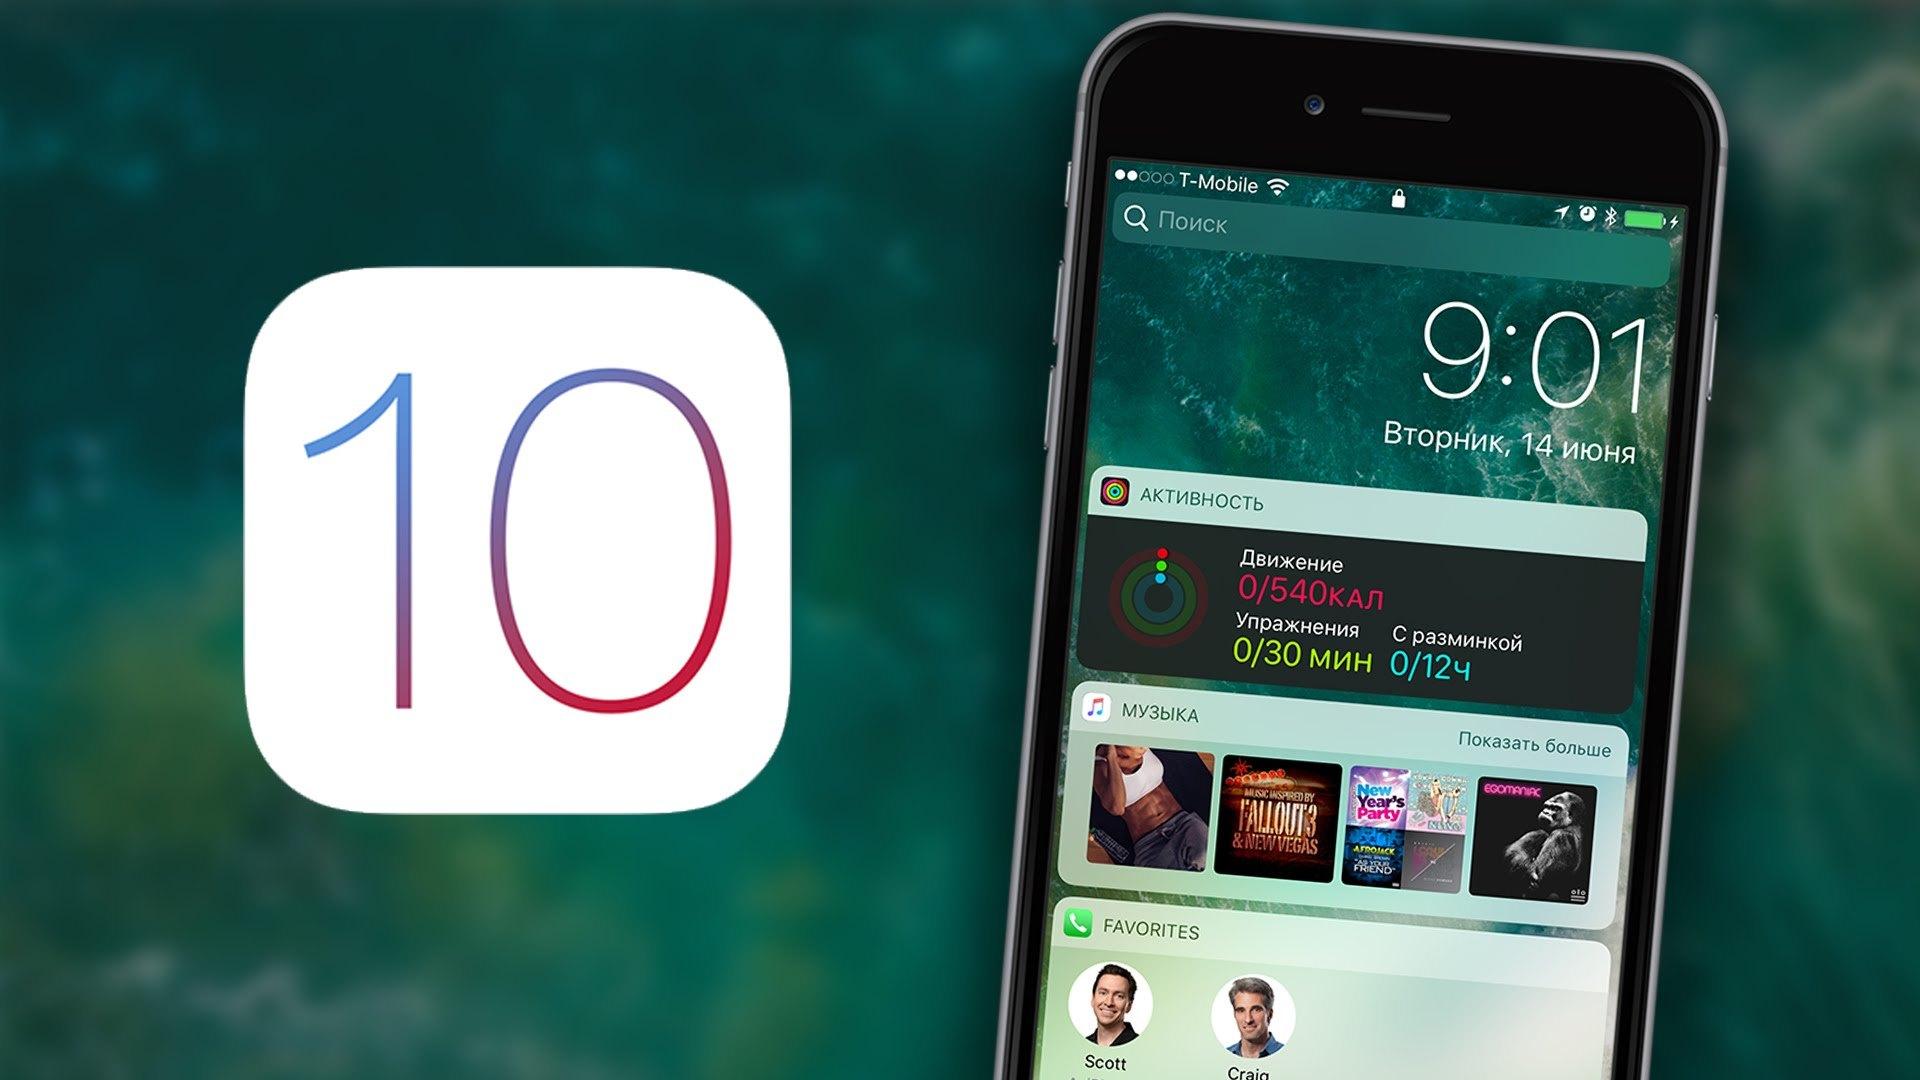 Потенциальные преимущества iOS 10 для разработки и тестирования мобильных приложений (Перевод статьи) - 1